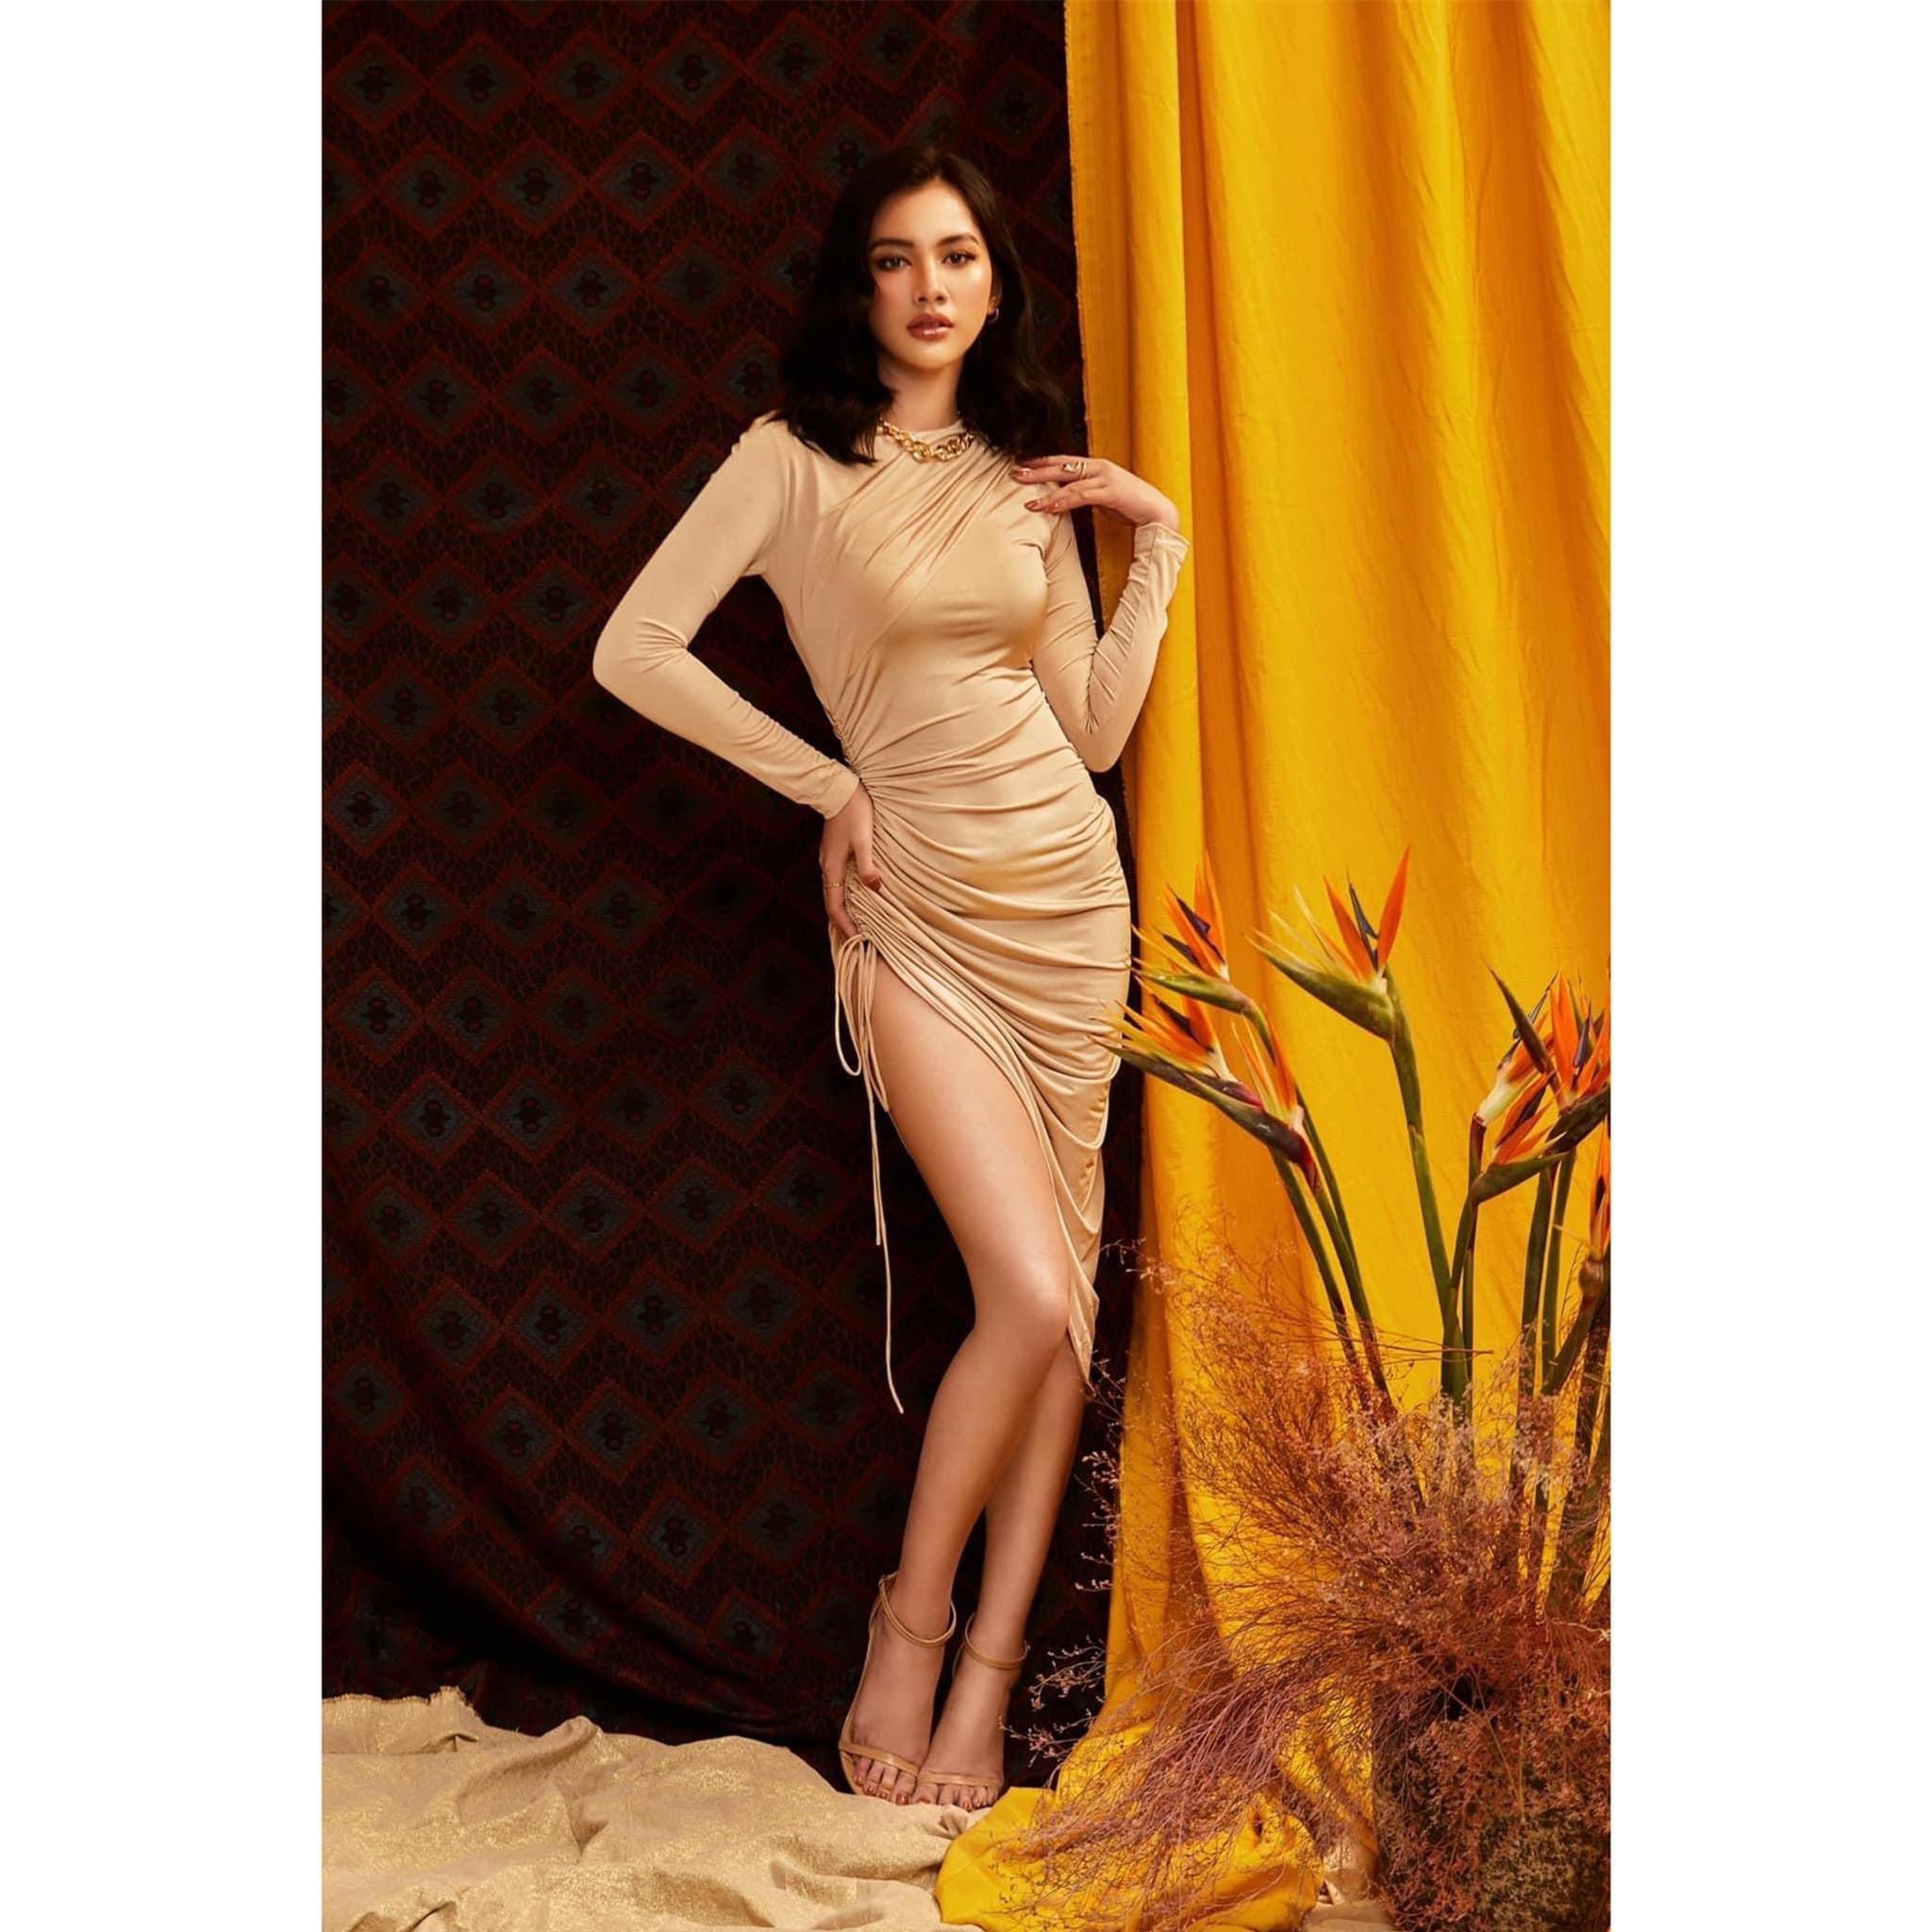 Người đẹp Cẩm Đan diện váy cắt xẻ lạ mắt khoe trọn đường cong nóng bỏng ảnh 4